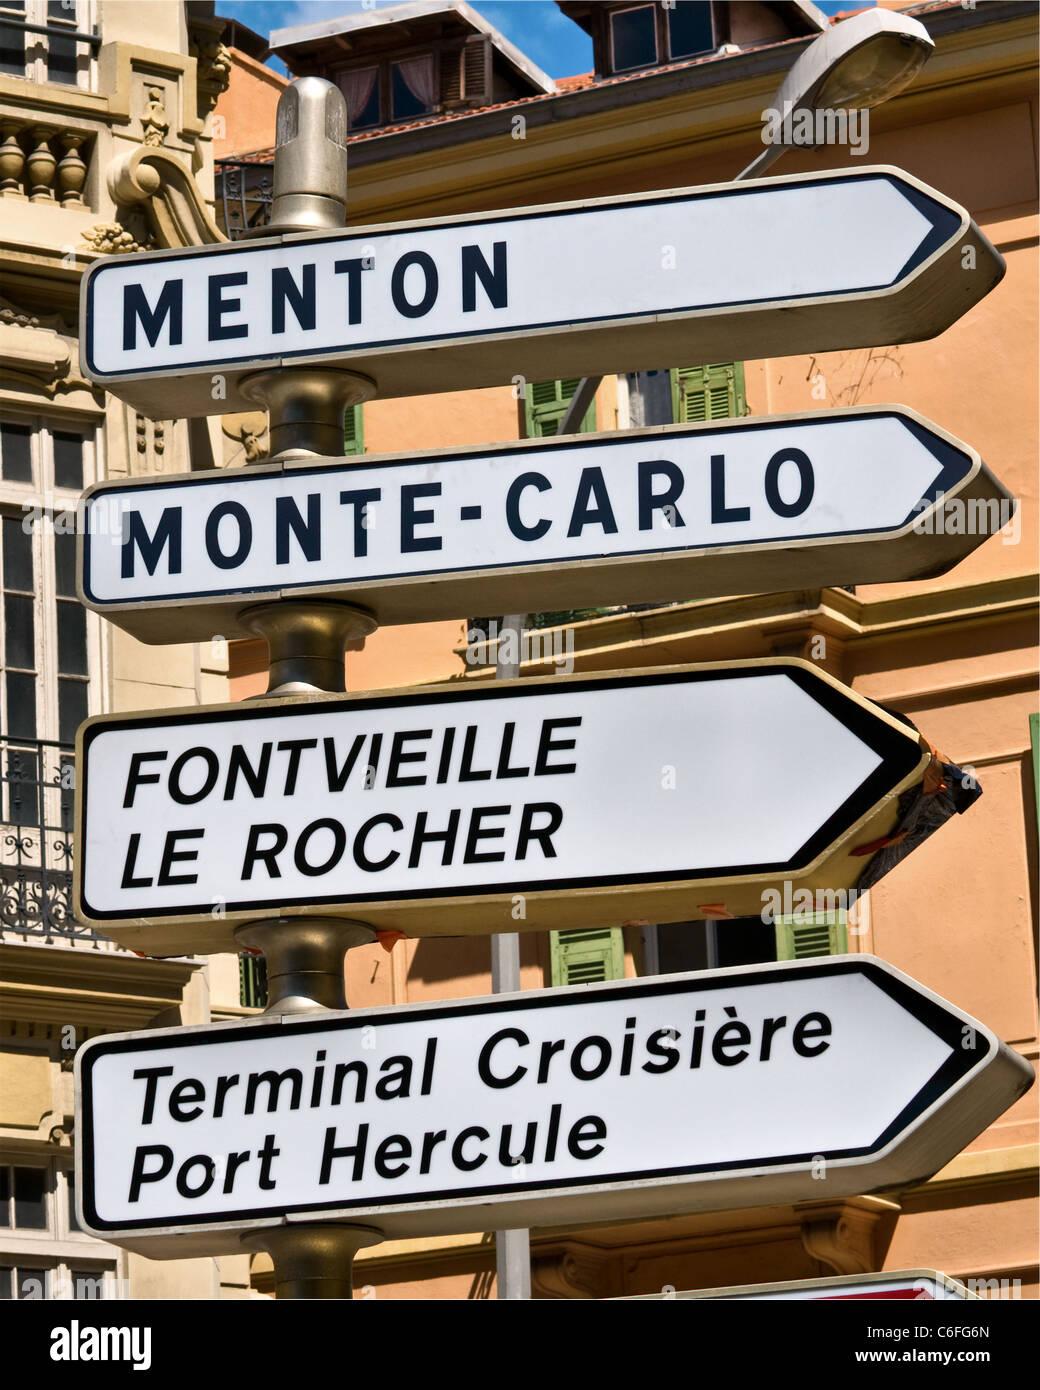 Road sign, Monaco - Monte-Carlo - Stock Image